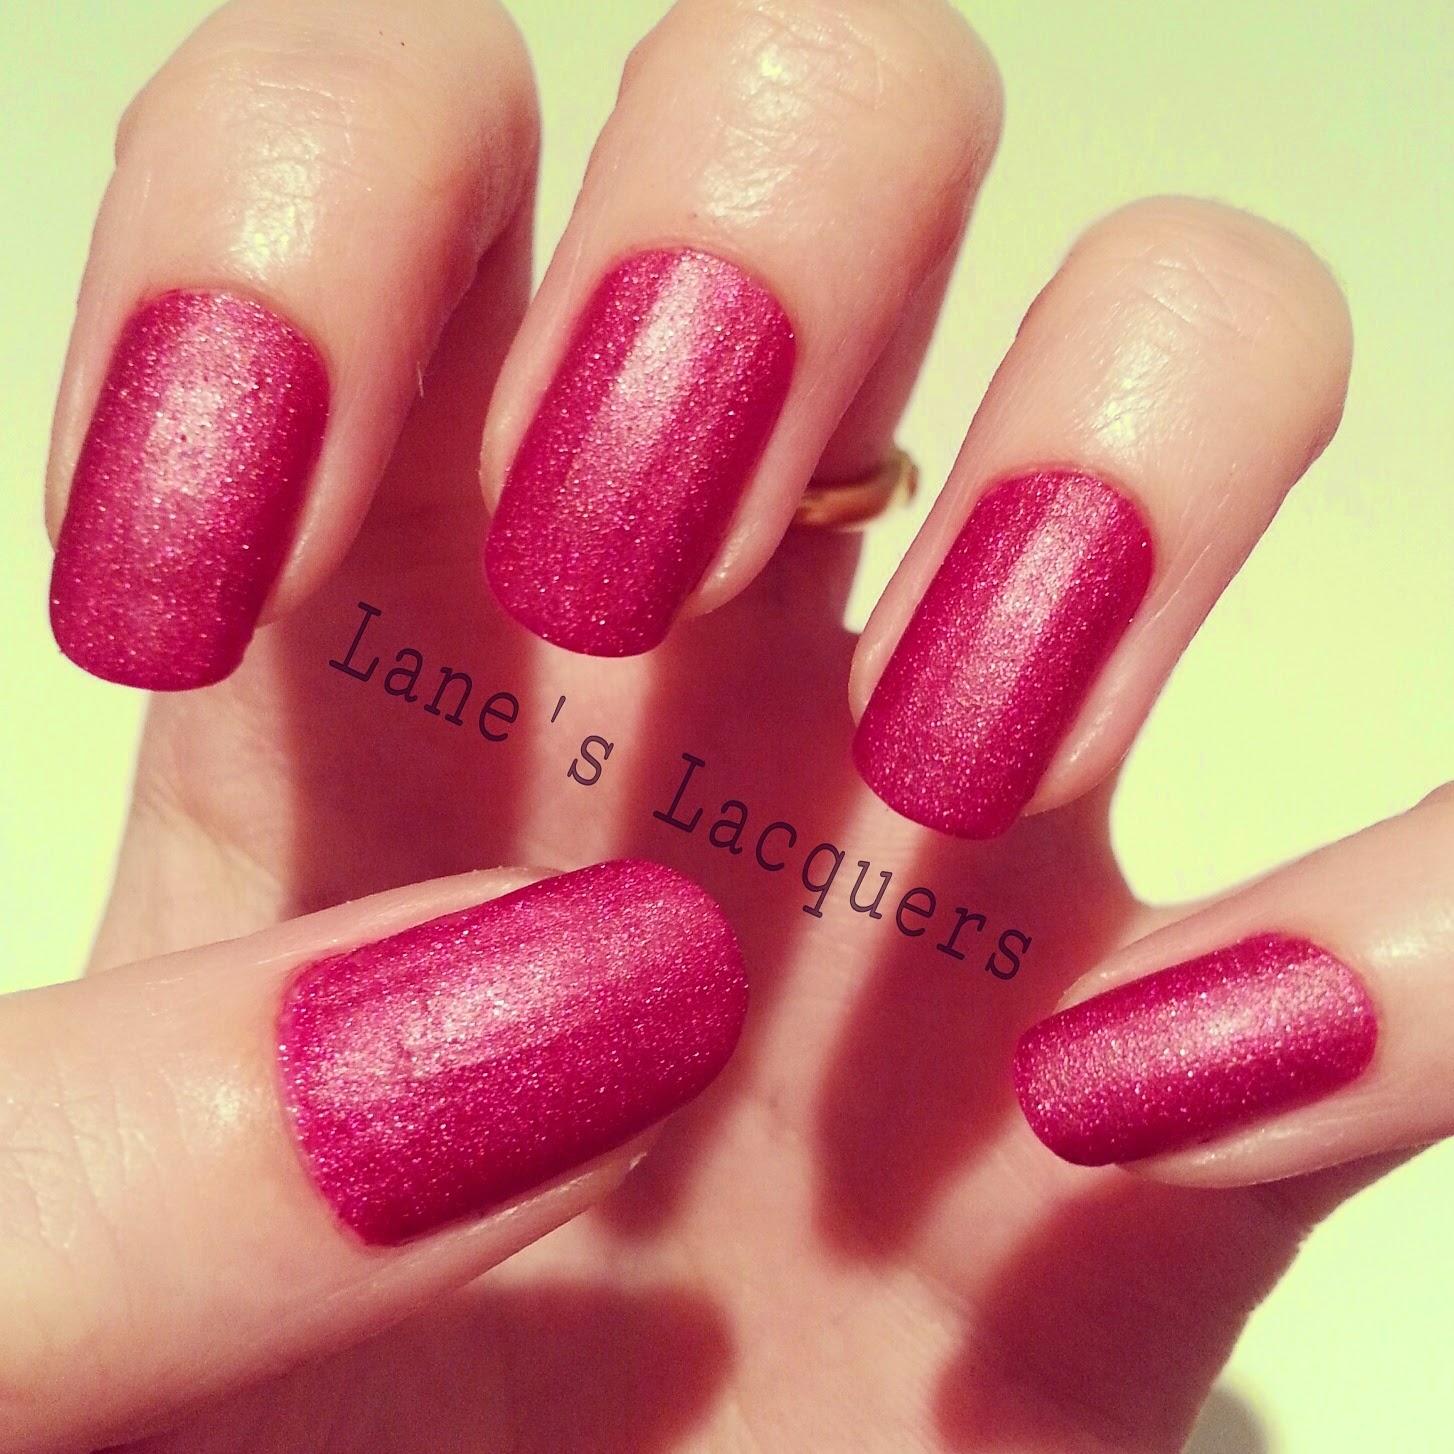 new-barry-m-silk-poppy-swatch-manicure